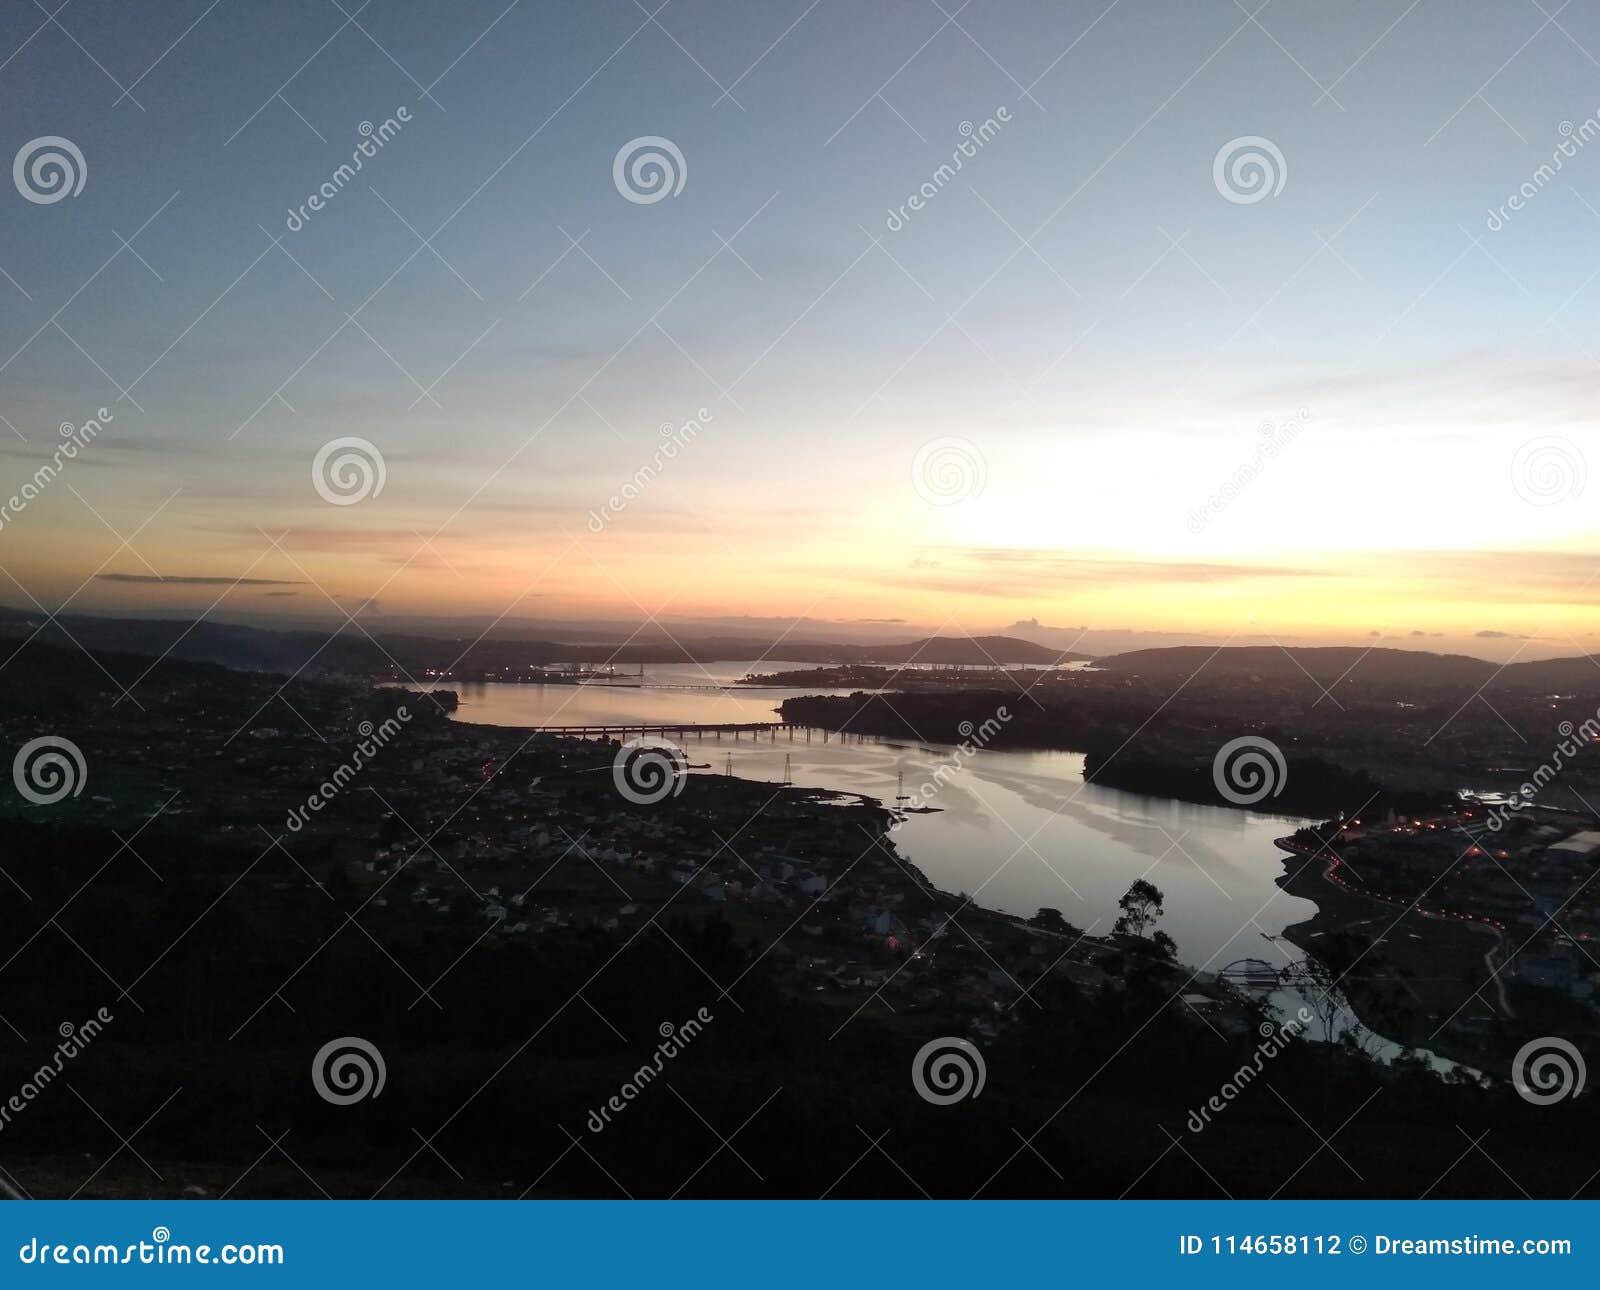 Mooie zonsondergang in een mooi landschap